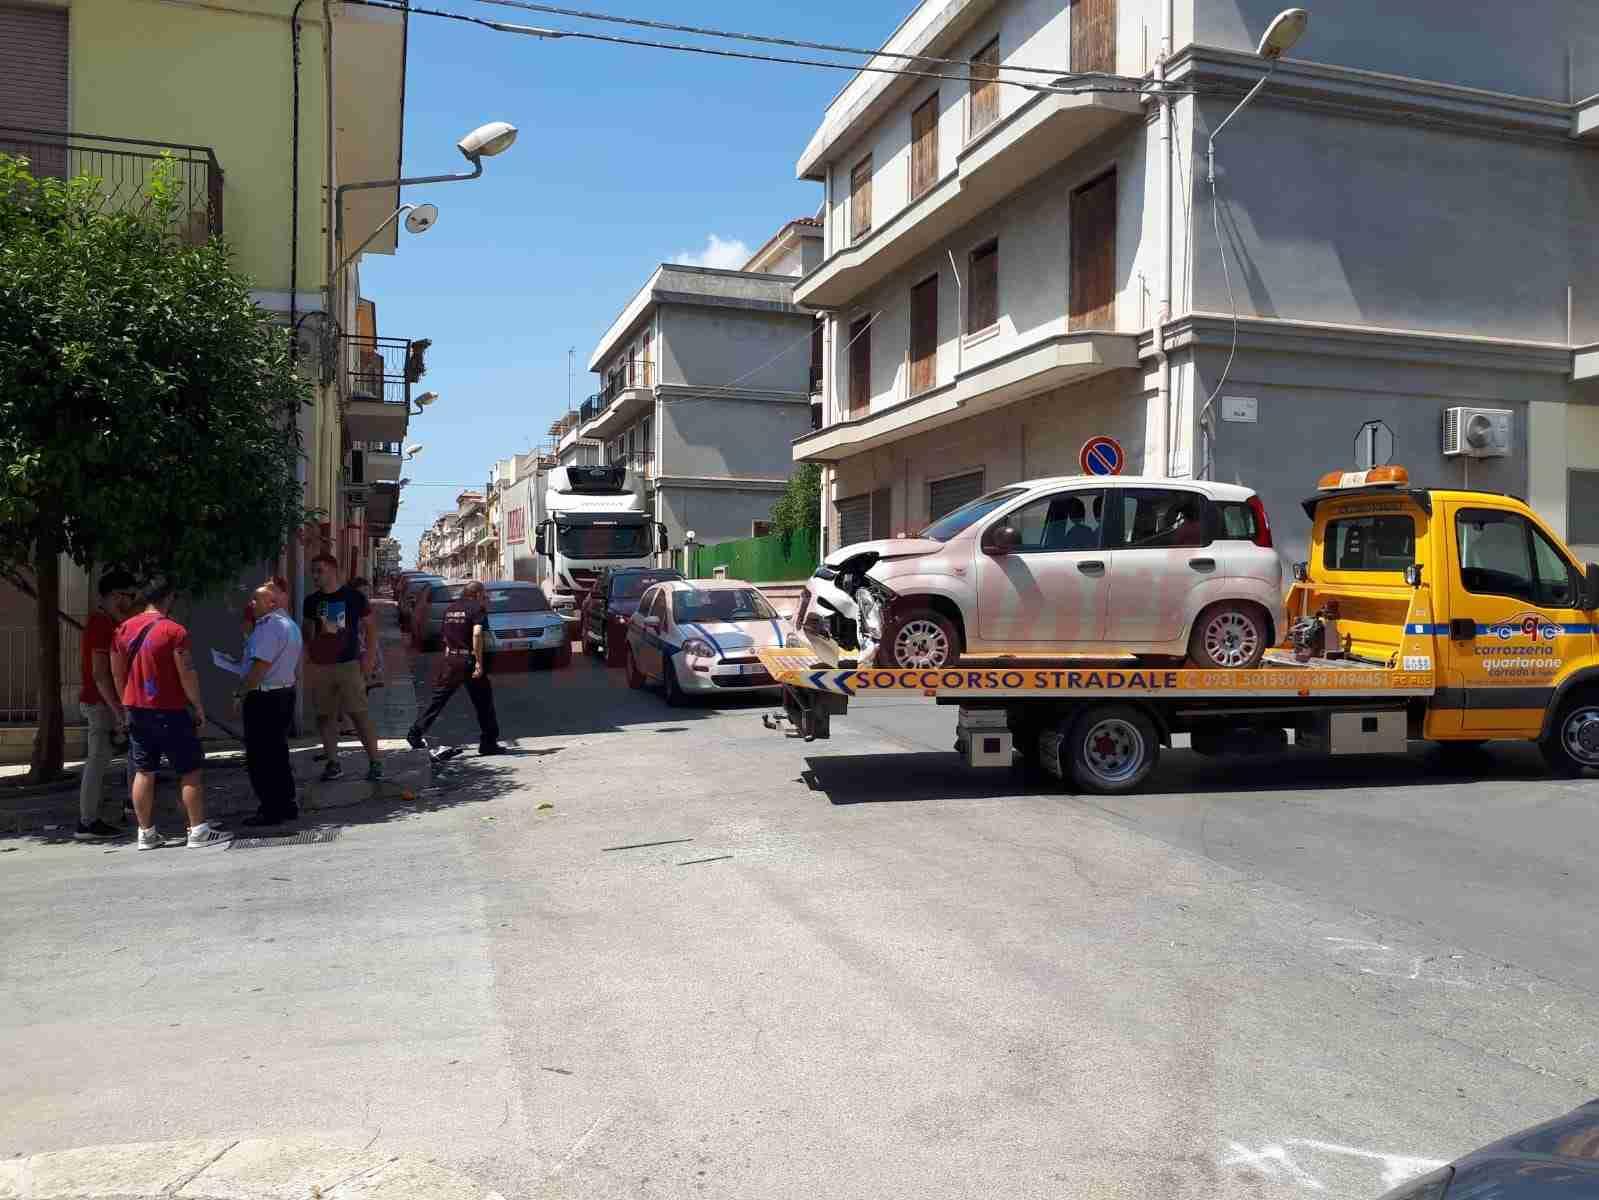 Ennesino incidente in via Bellini/Cesare Battisti, l'Amministrazione aspetta l'irreparabile?